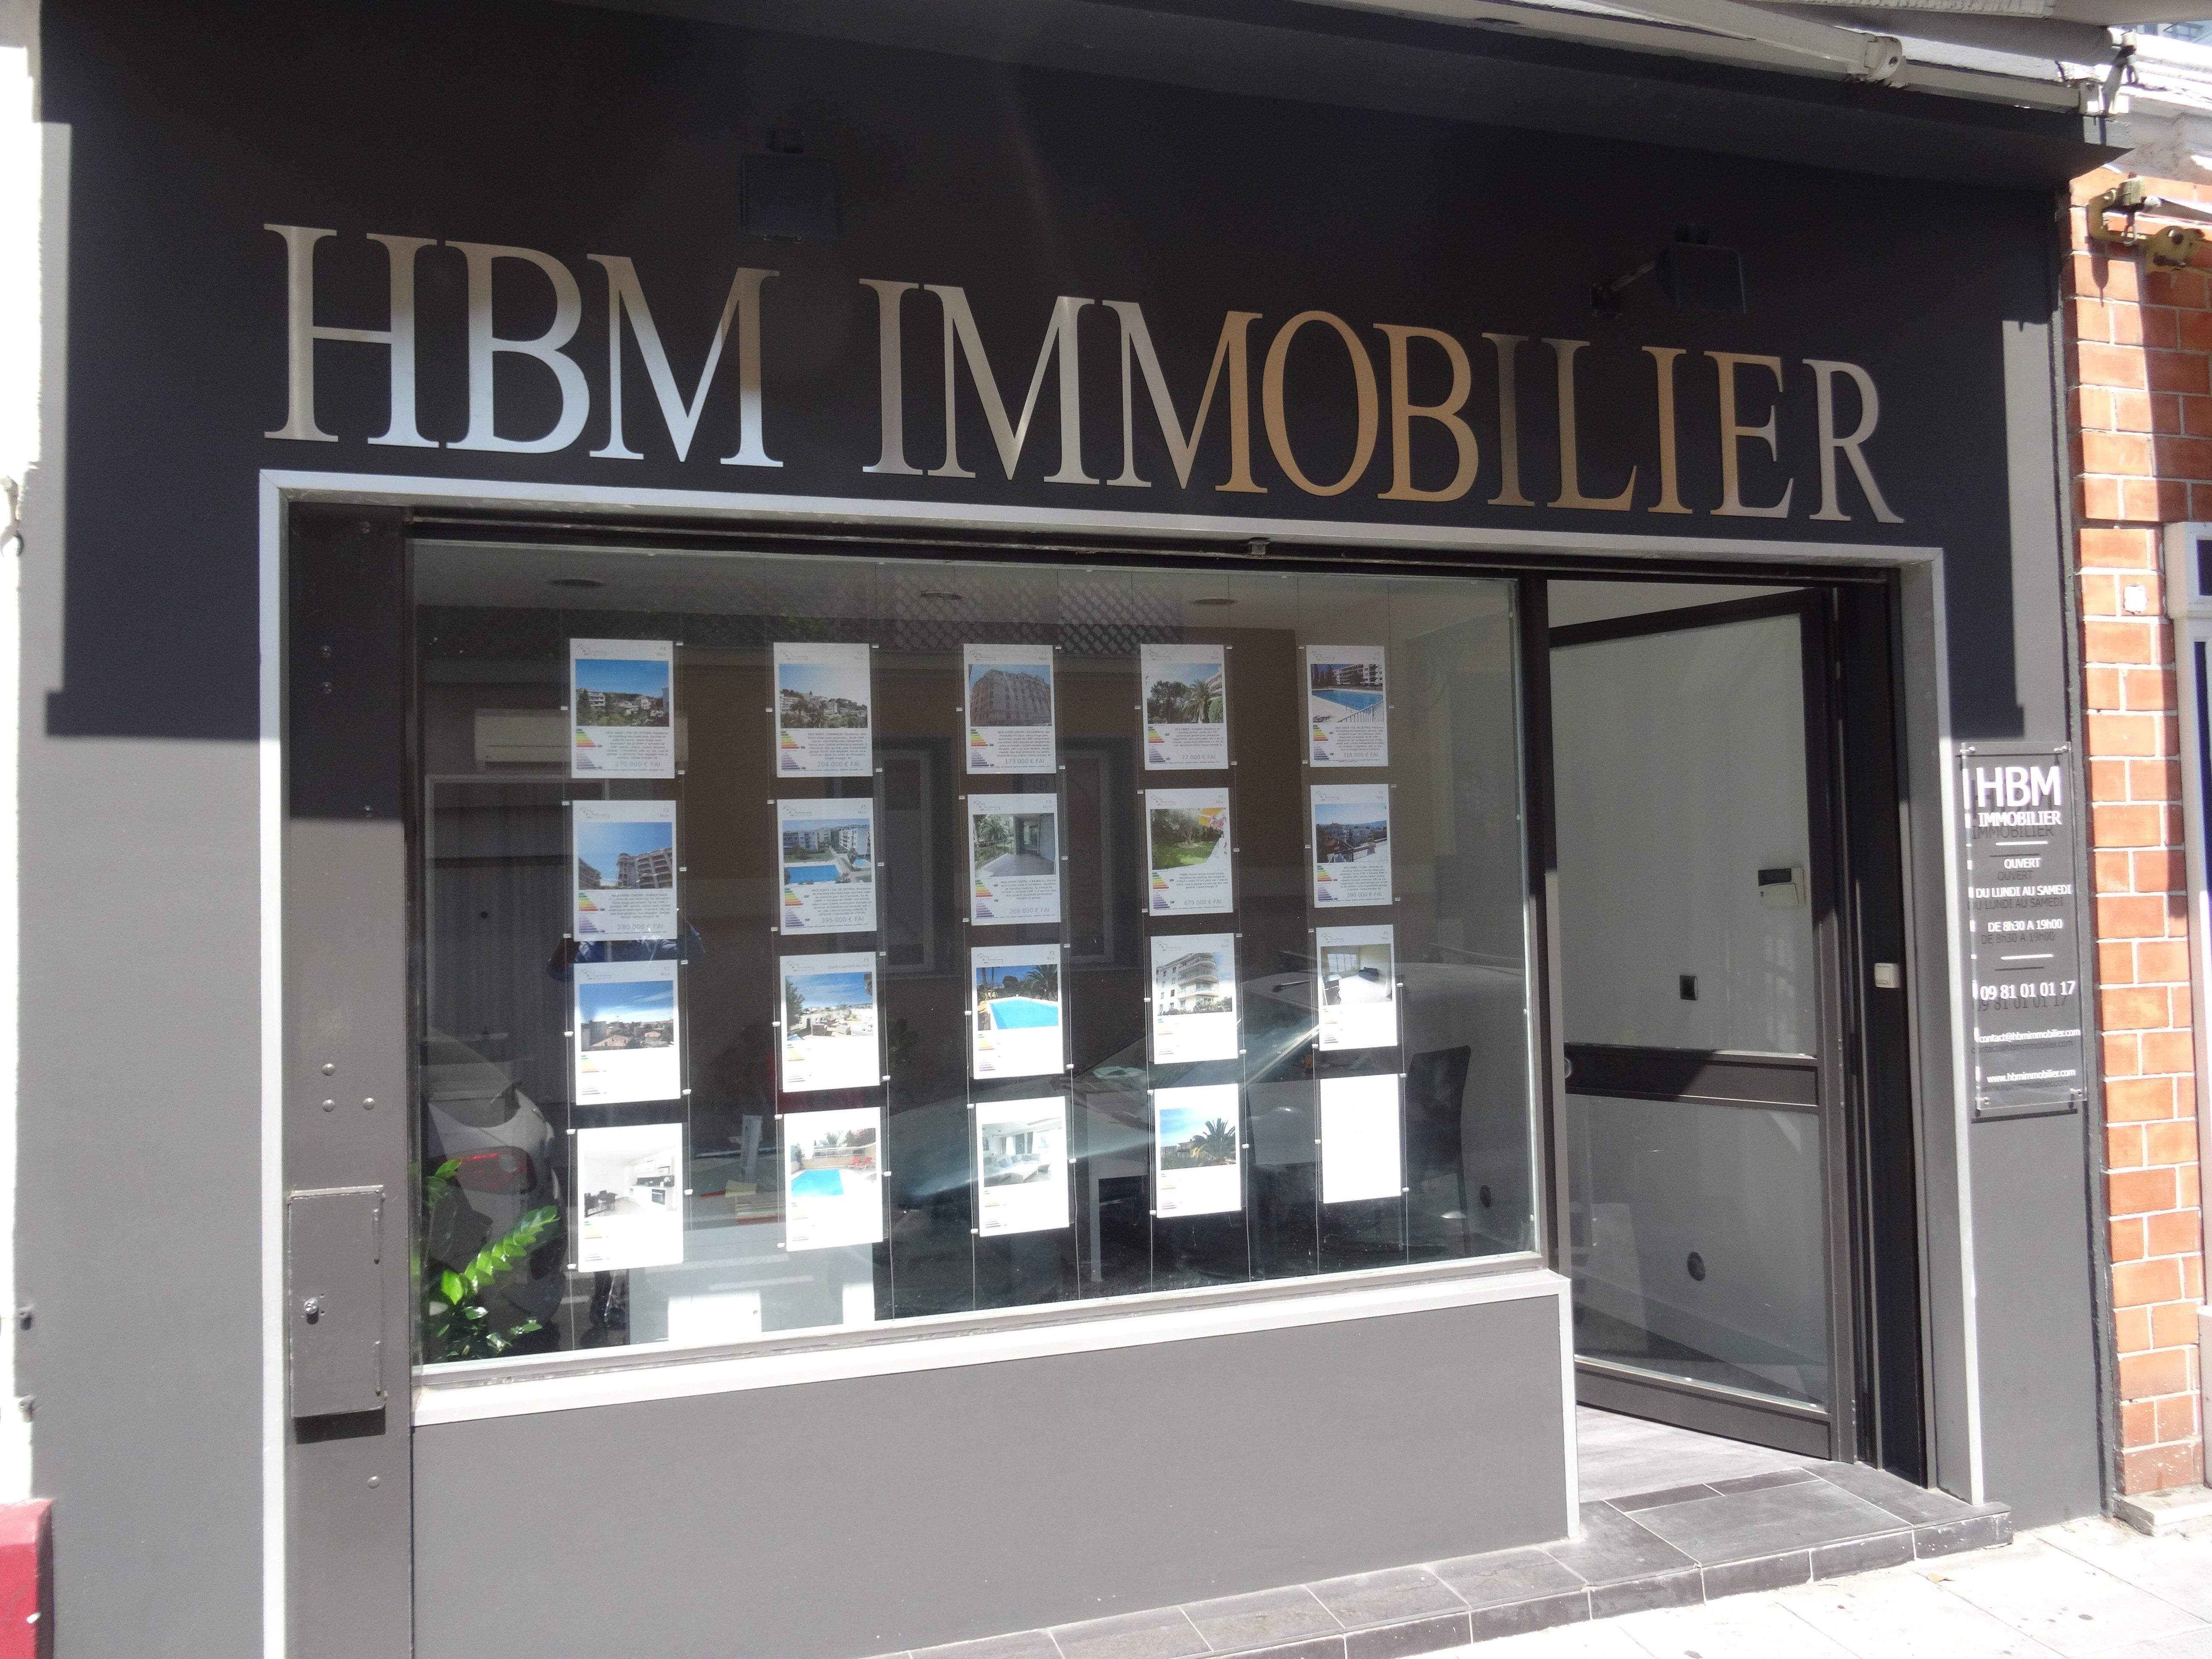 HBM Immobilier